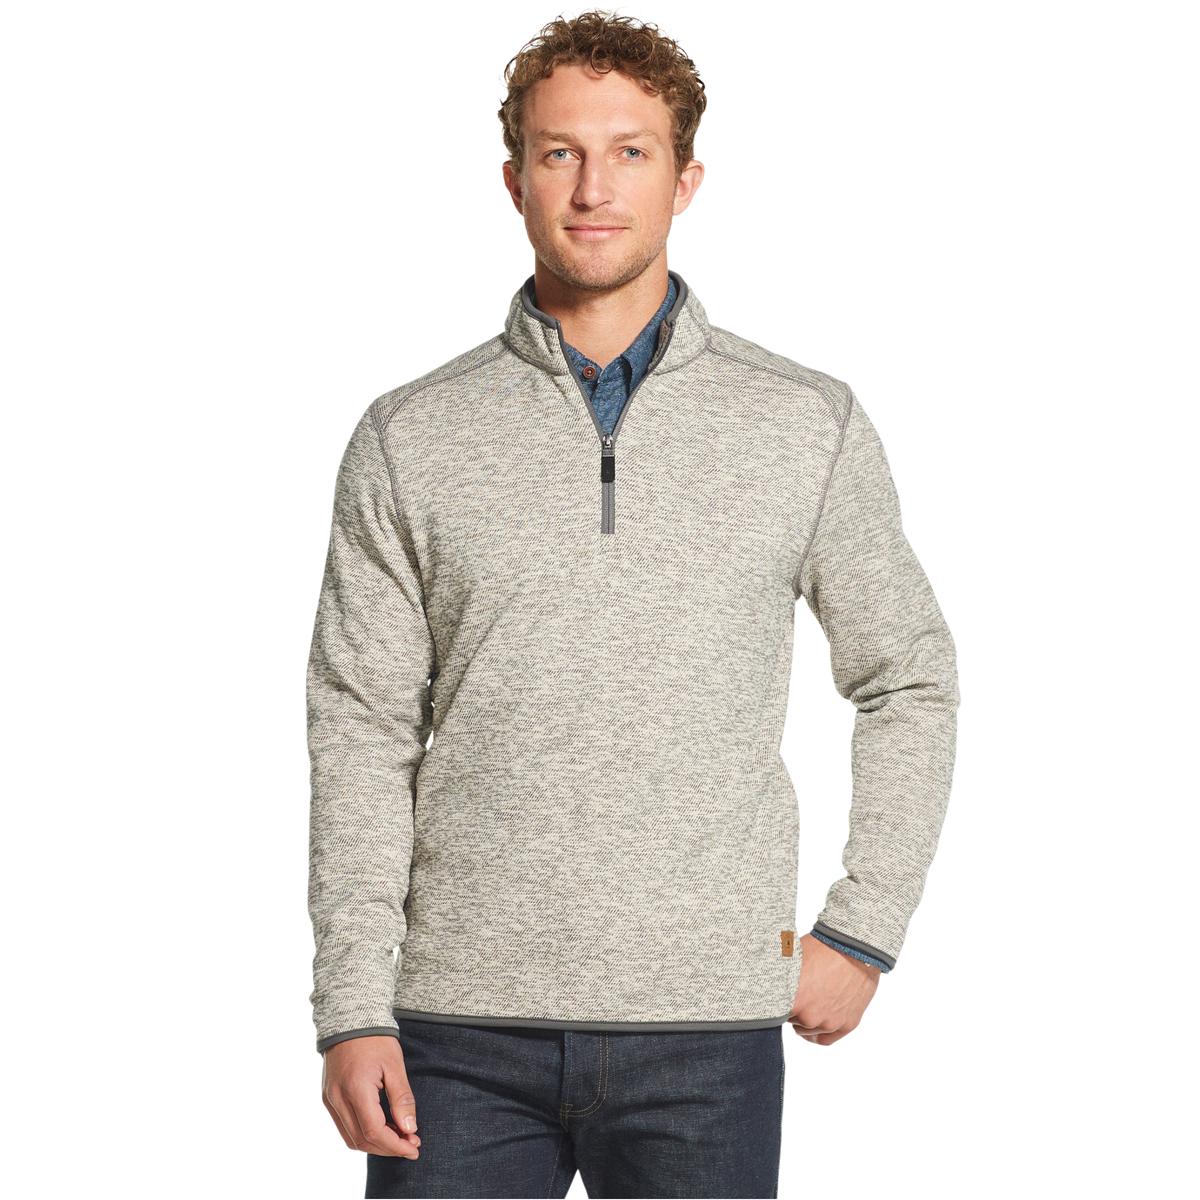 Gh Bass Men's Mountain Fleece 1/4-Zip Pullover - Black, XL